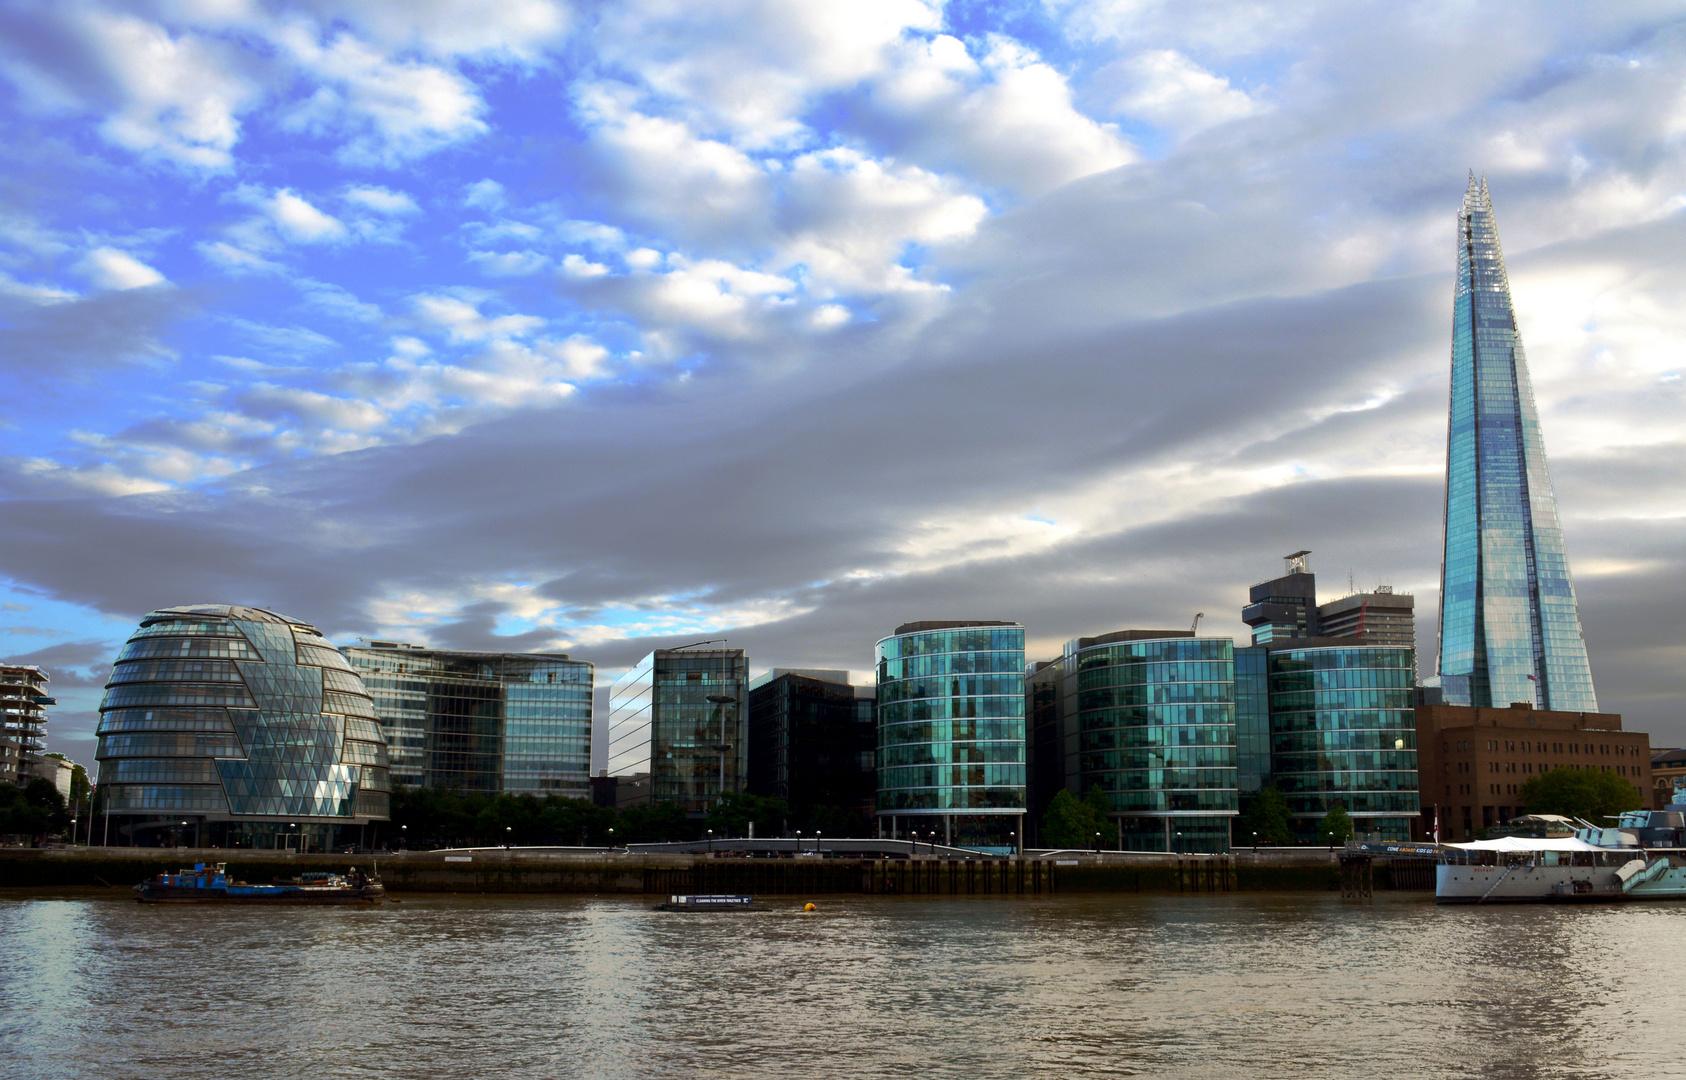 Am Ufer der Themse